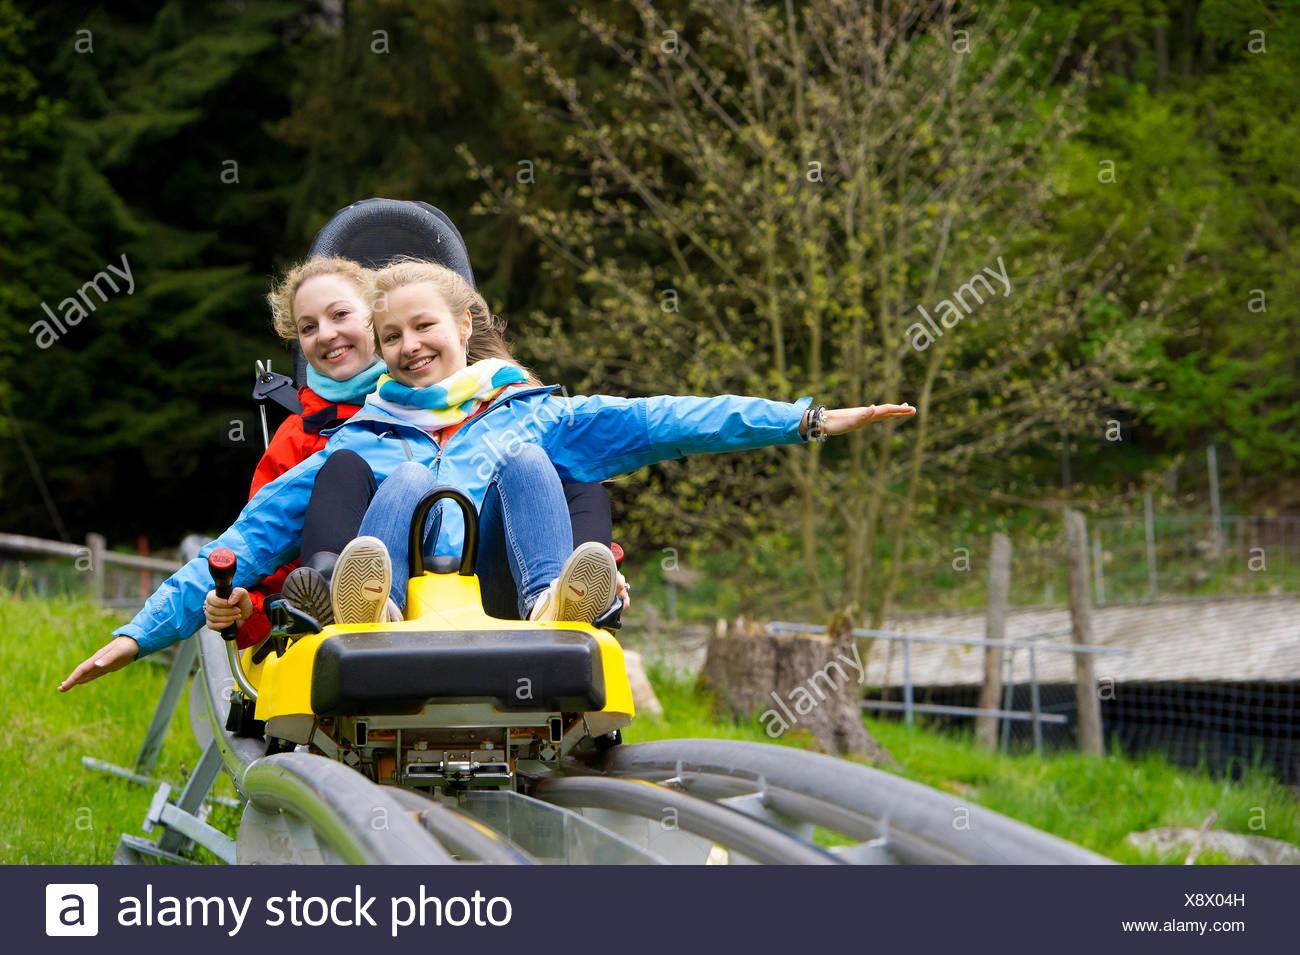 Junge Frauen auf einer Sommerrodelbahn, Steinwasenparks in Oberried, Schwarzwald, Baden-Württemberg, Deutschland Stockbild